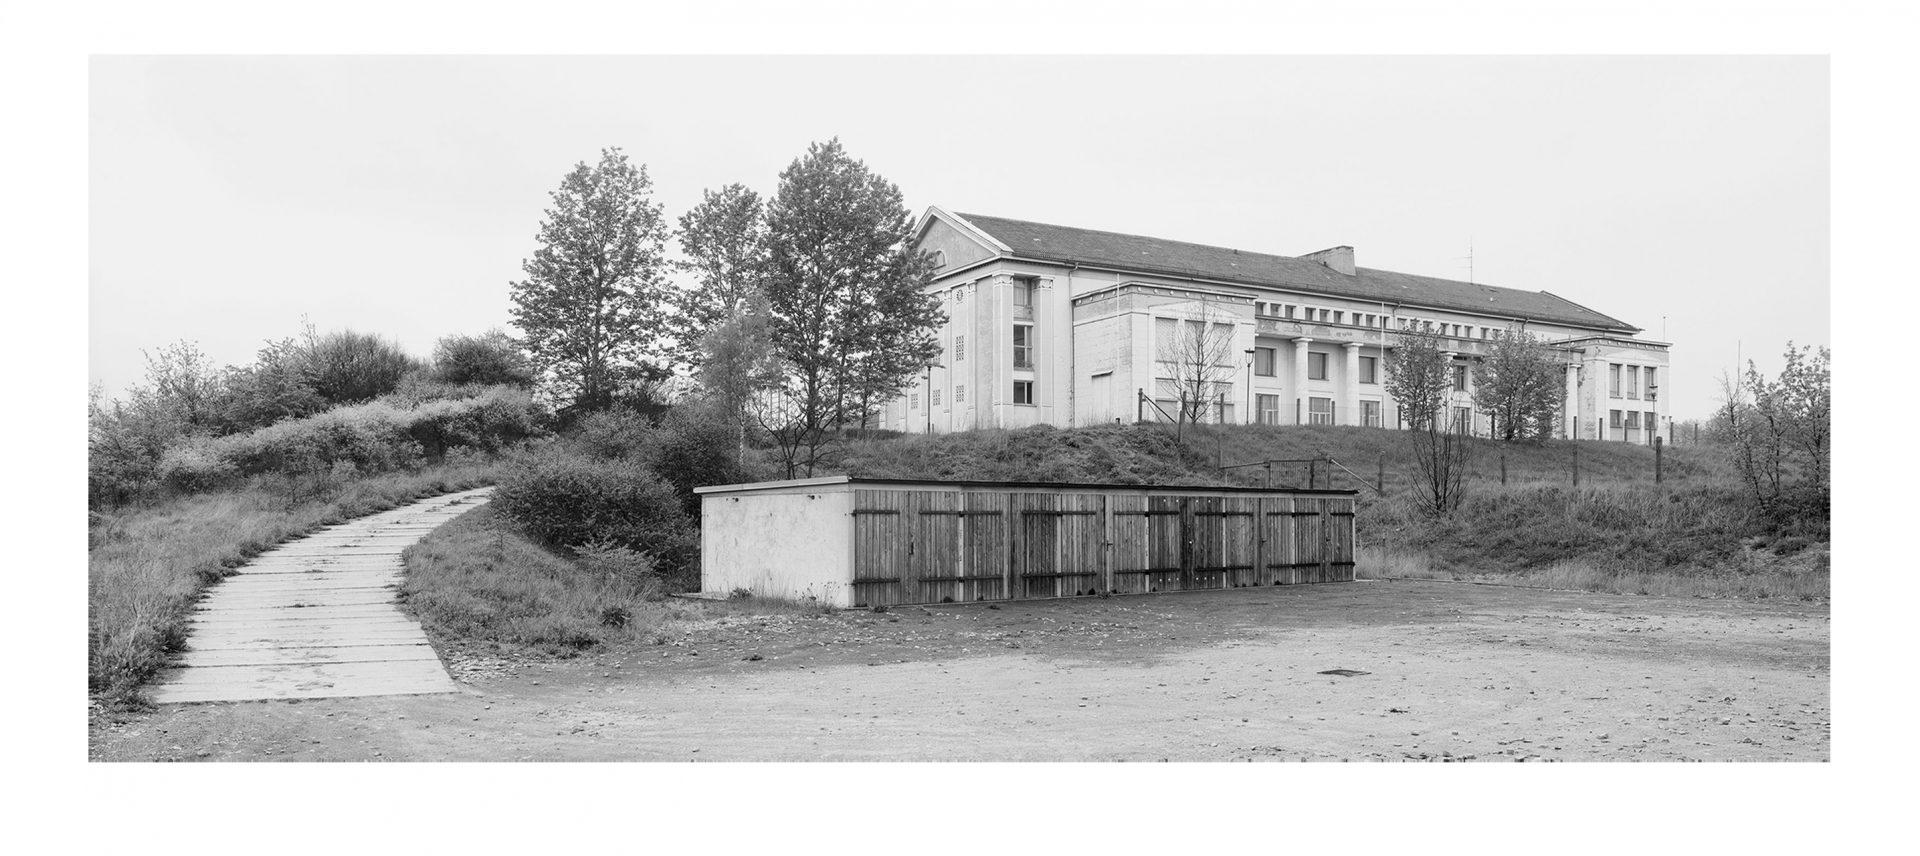 Der Traum vom Reich #20, Rüdersdorf 1992/2008